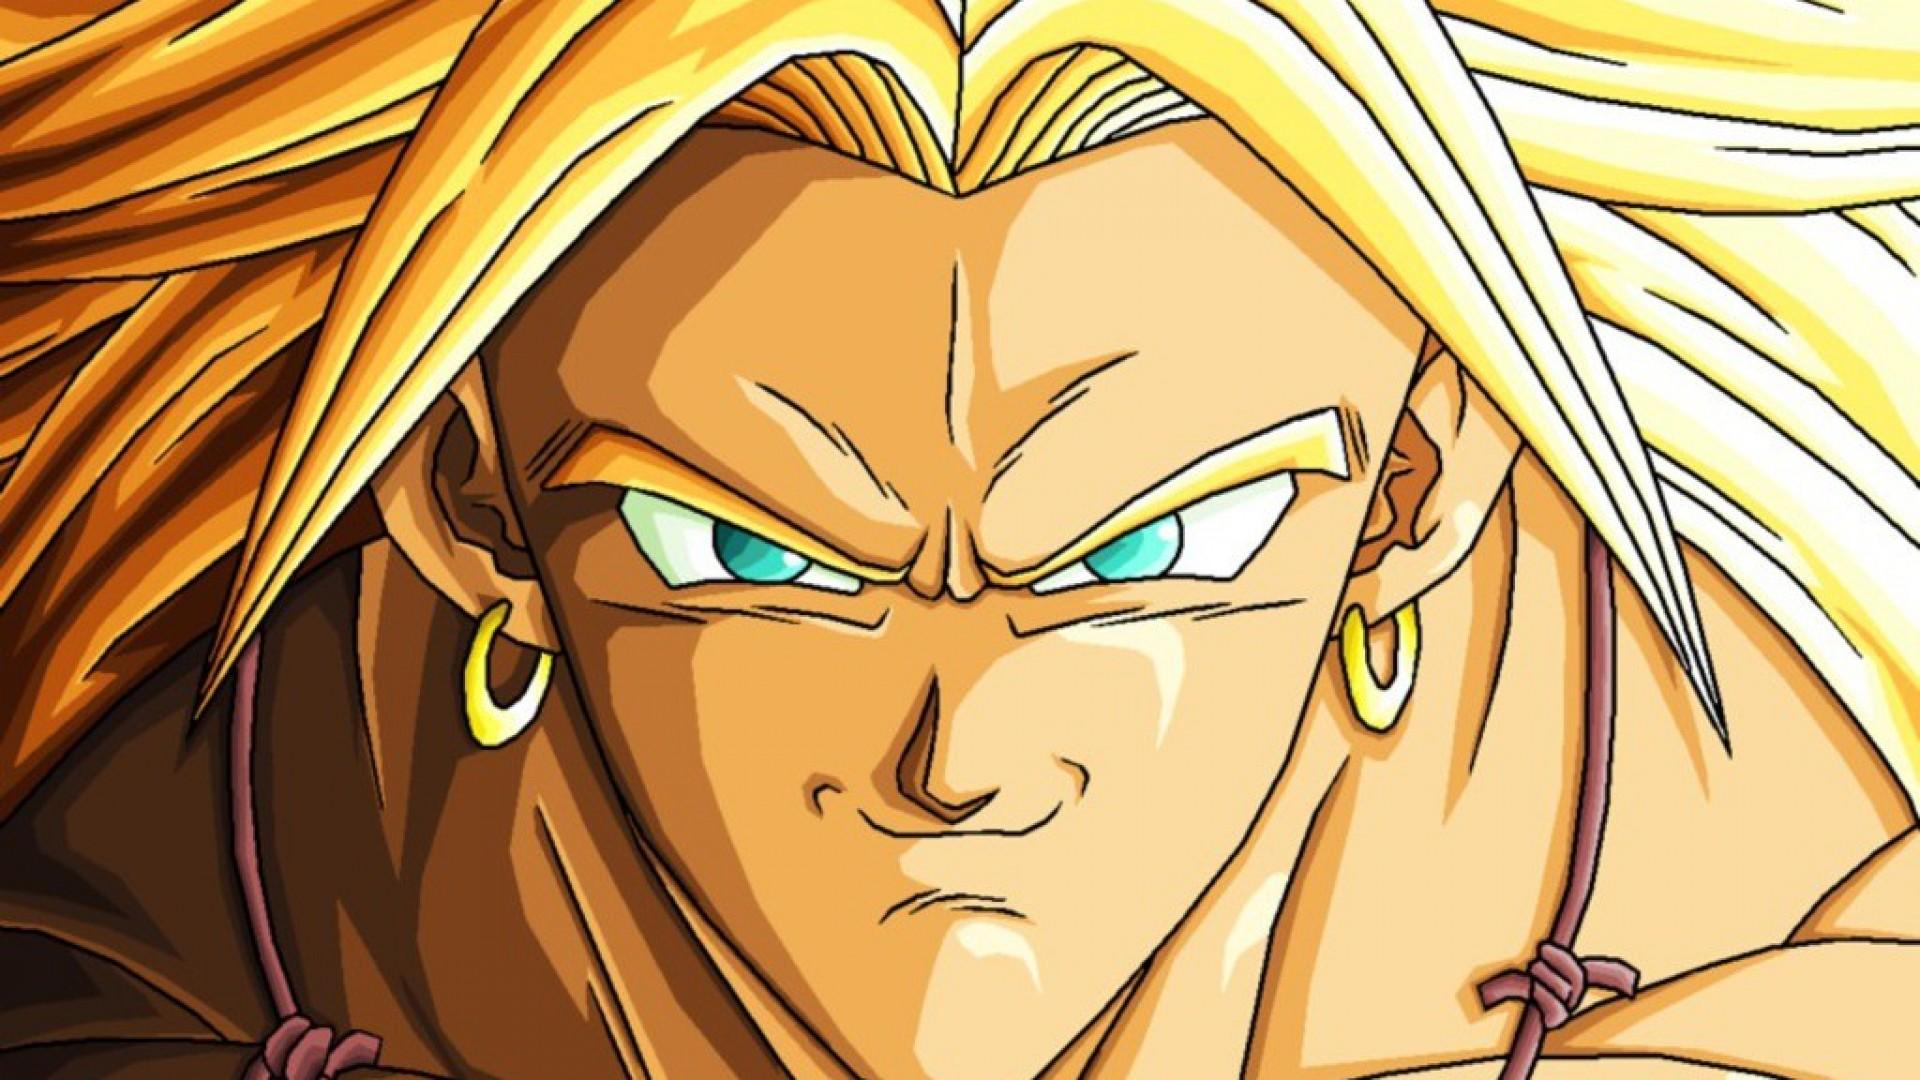 ... Vidéo Dragon Ball Z: Budokai Tenkaichi 3 Dragon Ball Z Fond d'écran